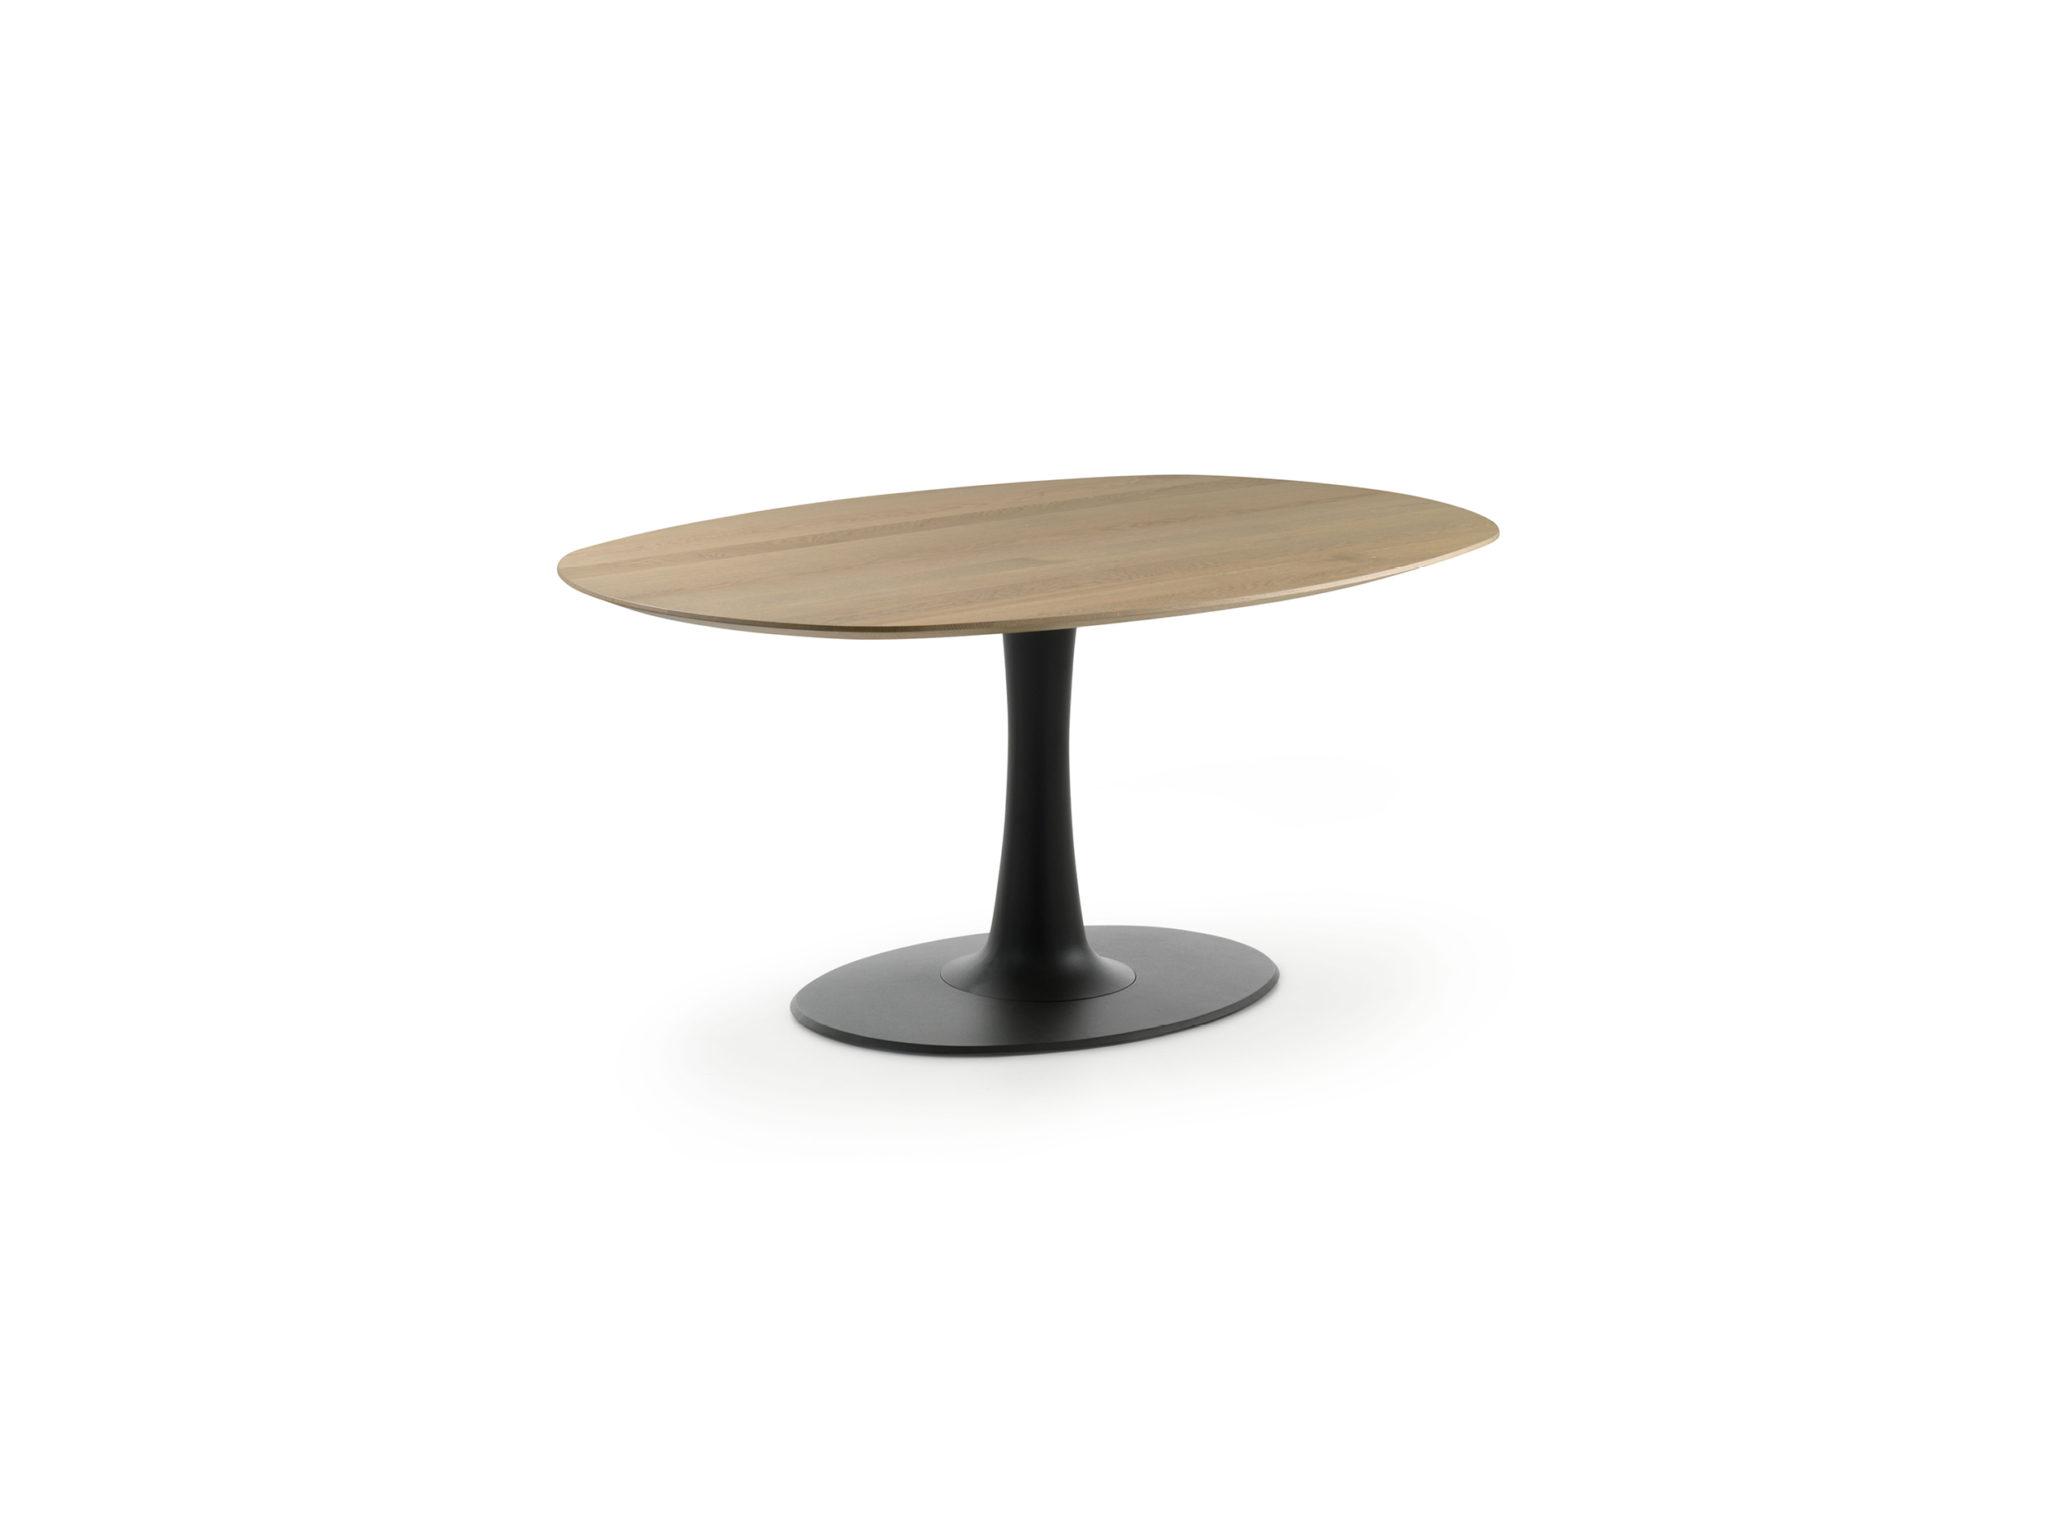 Leolux tafel Columna pa